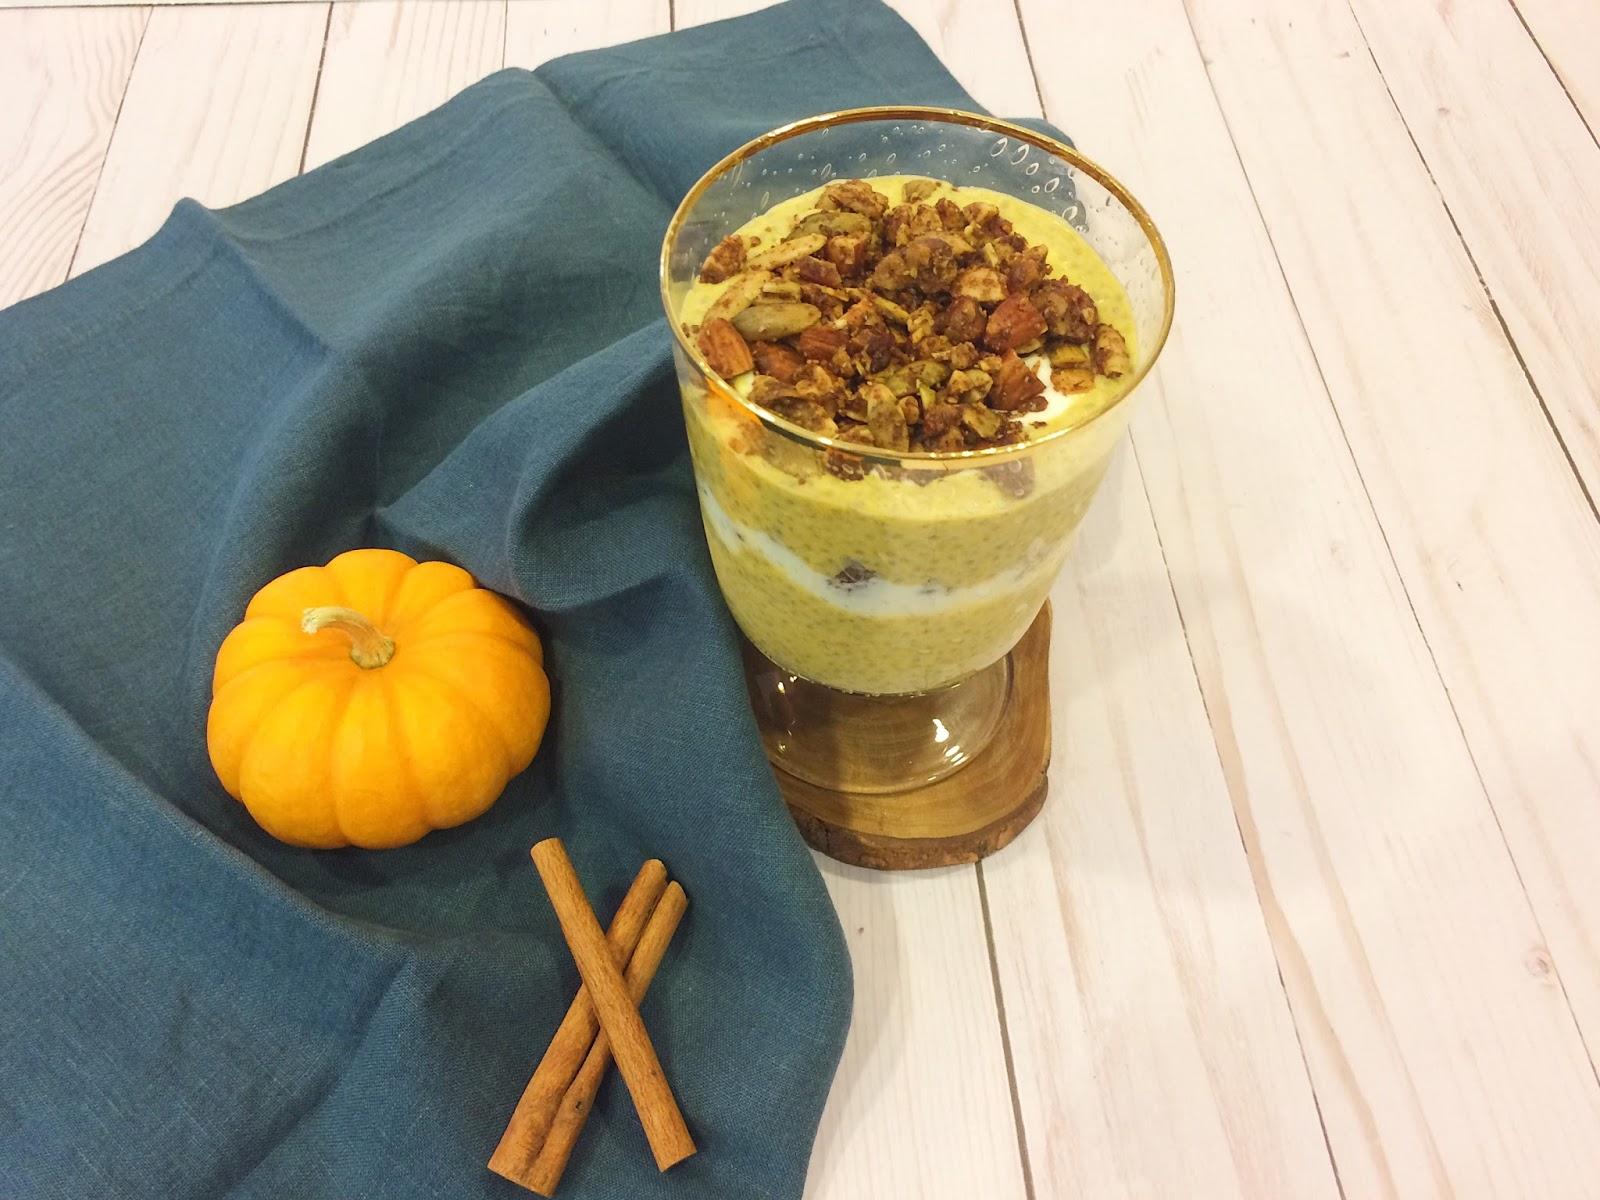 Healthy, Chia Pudding Recipe, Pumpkin Pie Spice